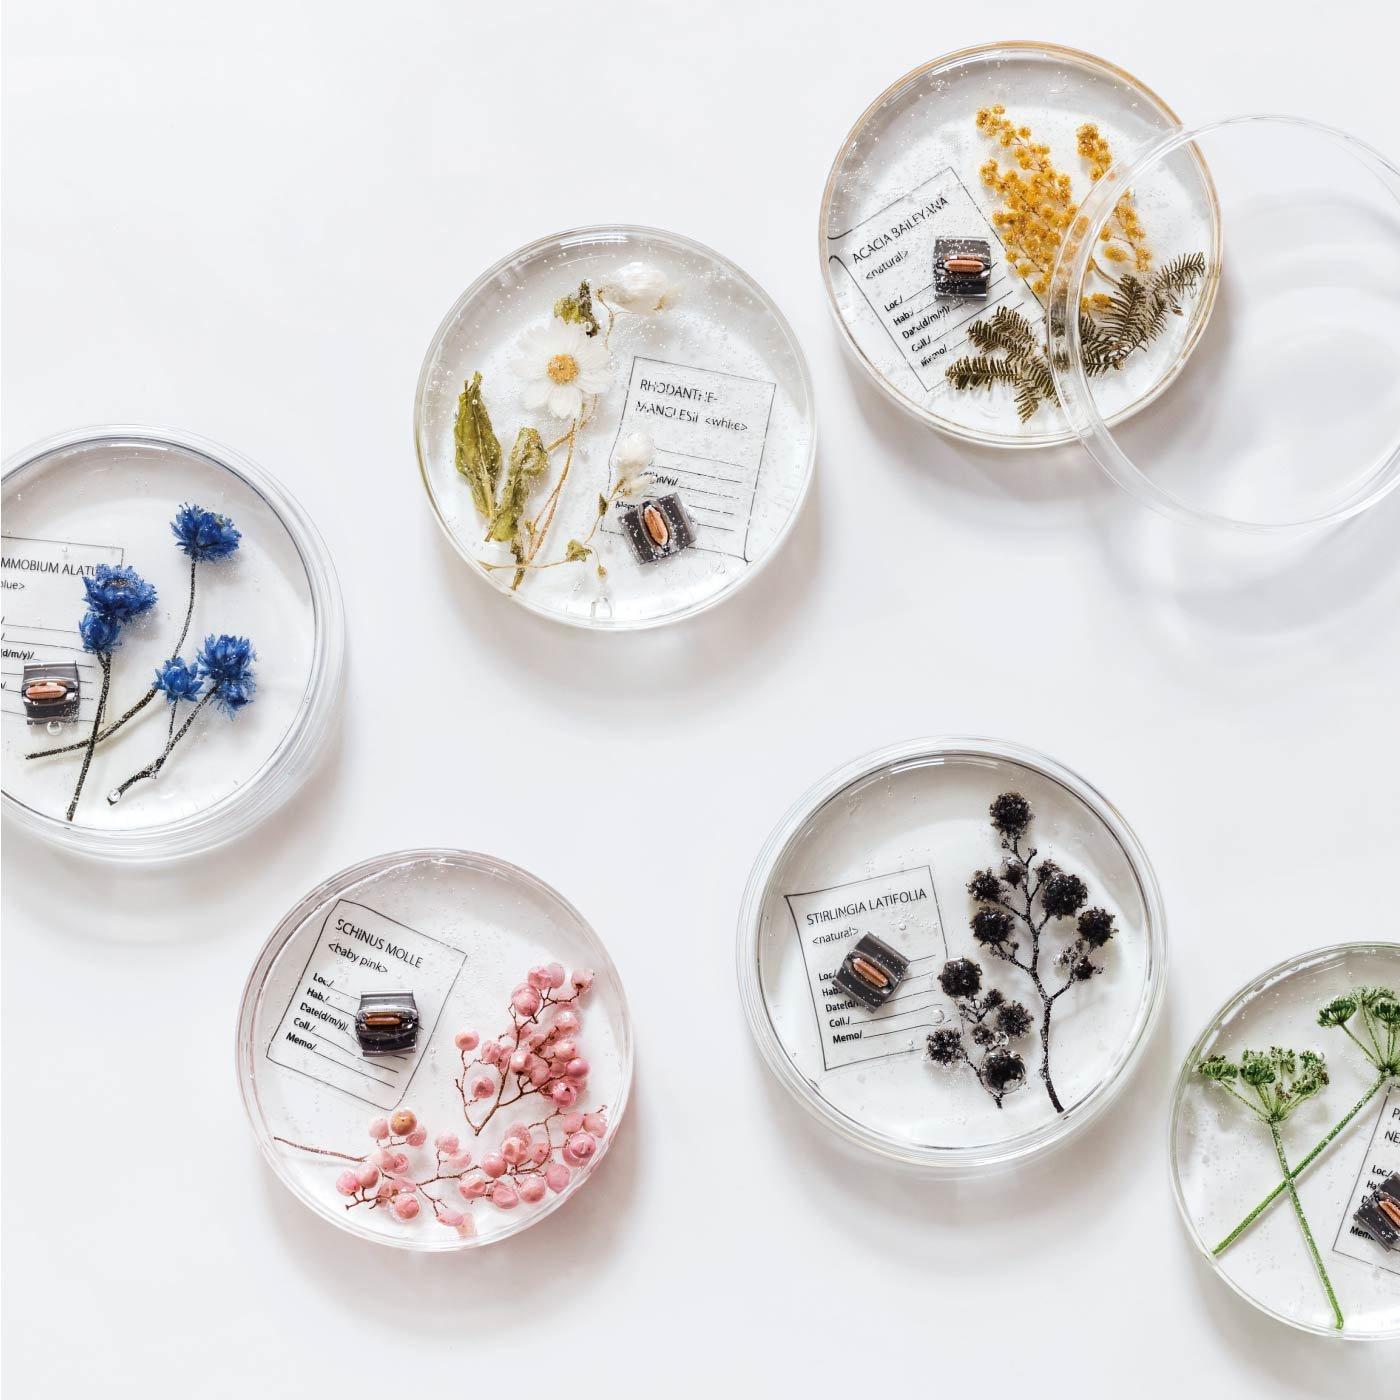 シャーレ皿に収めた植物標本 ジェルキャンドルキットの会